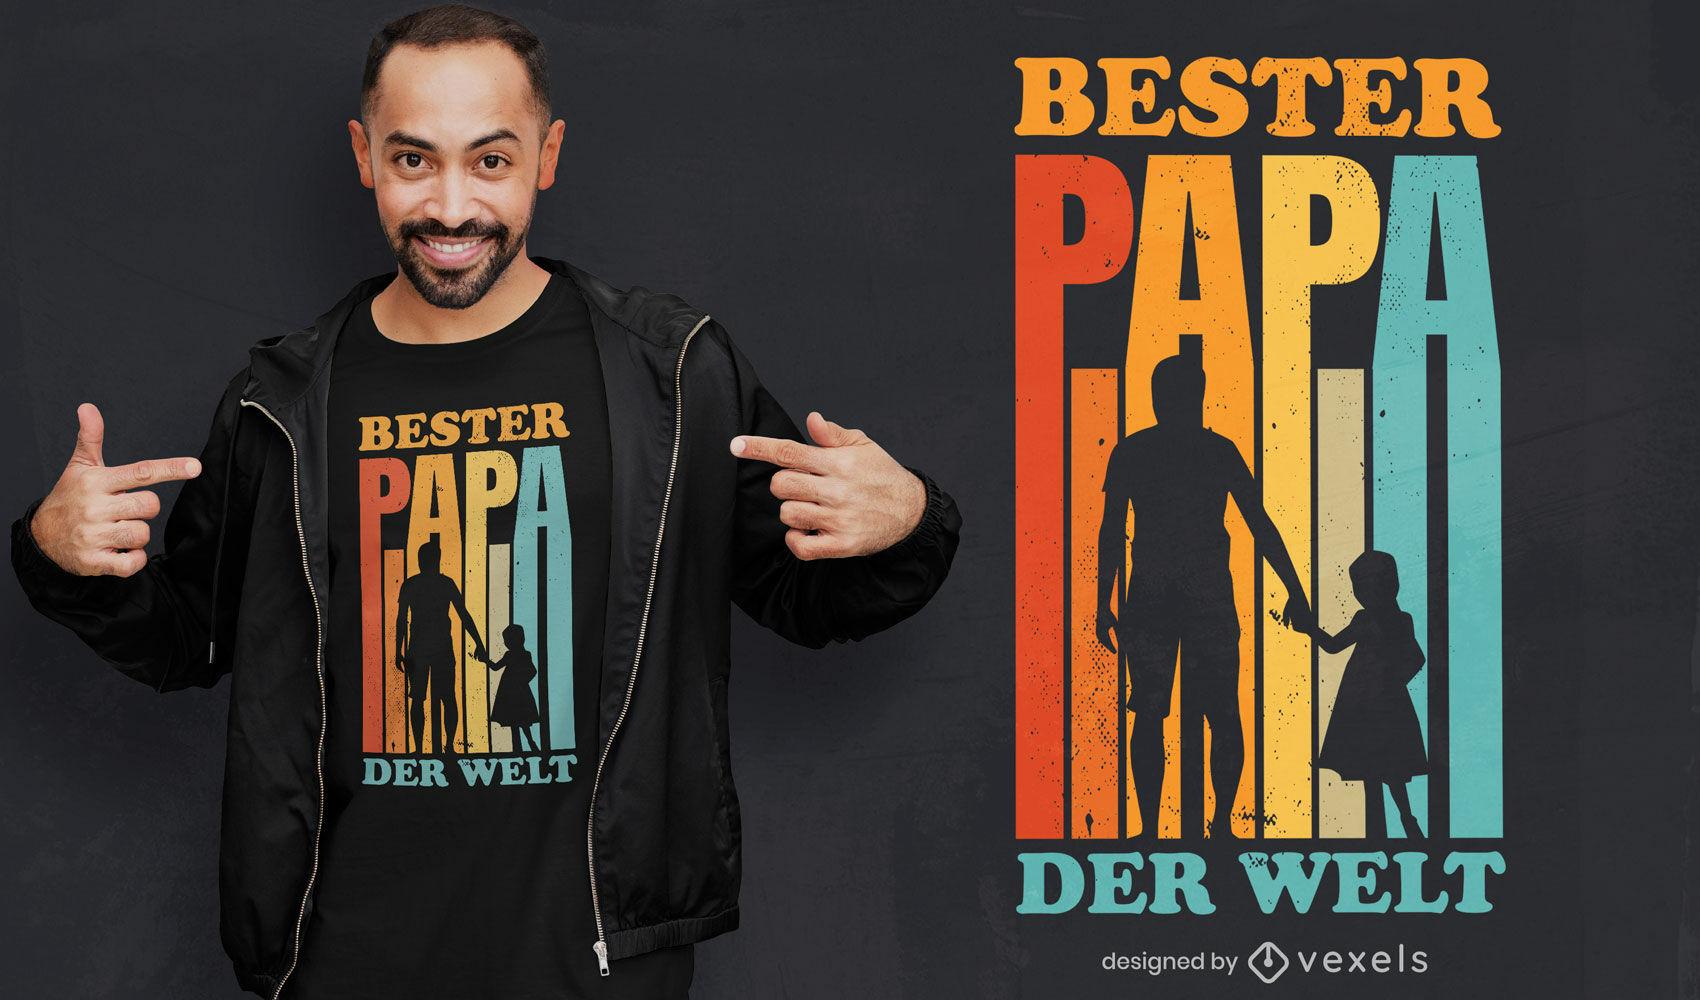 Best dad ever quote retro t-shirt design